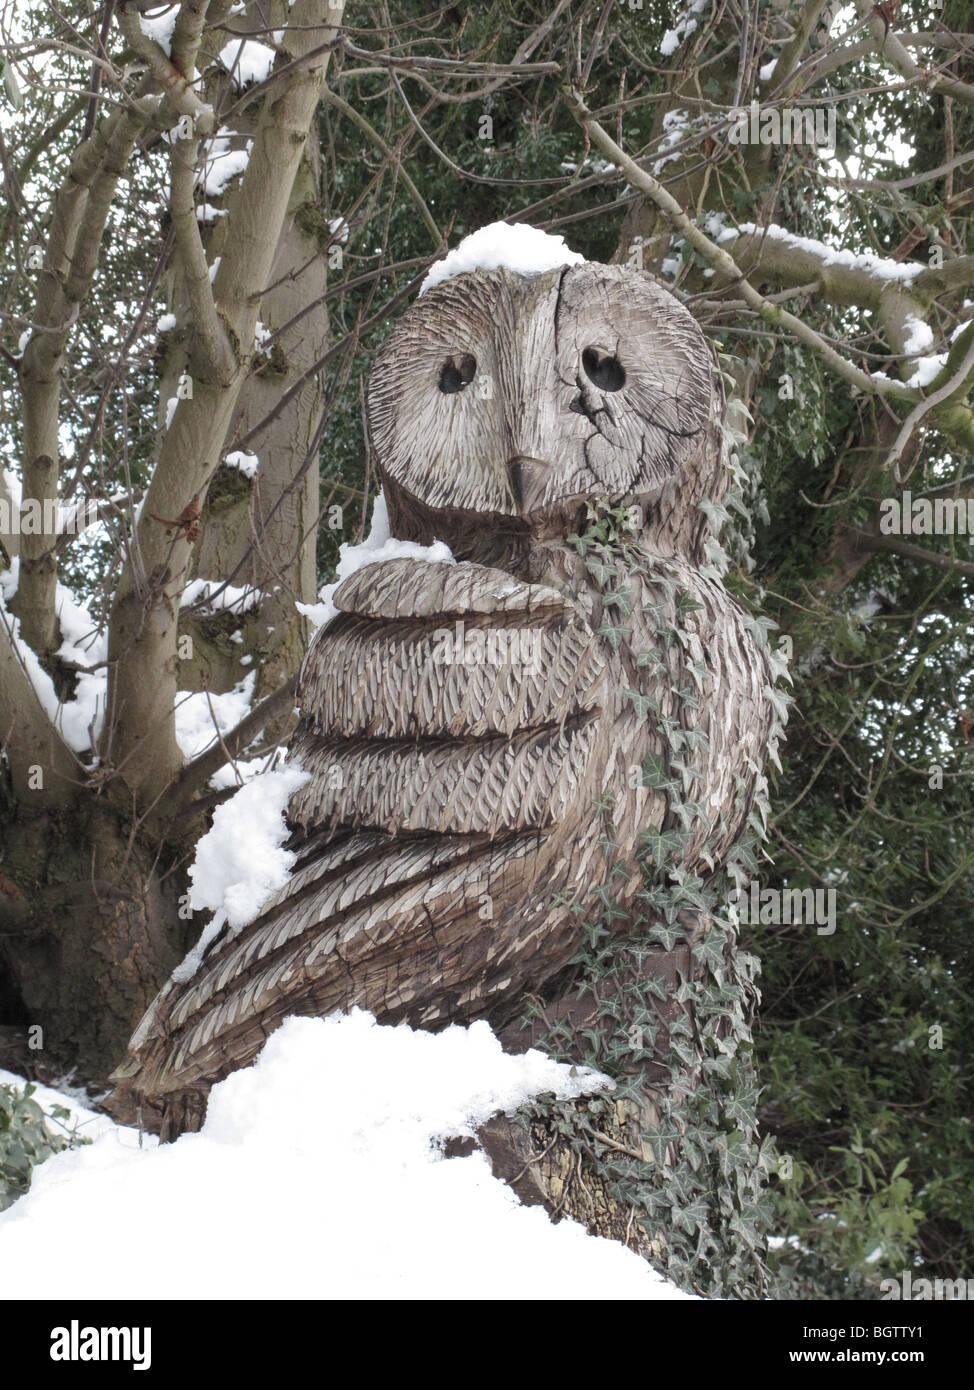 Carved owl wood stockfotos bilder alamy